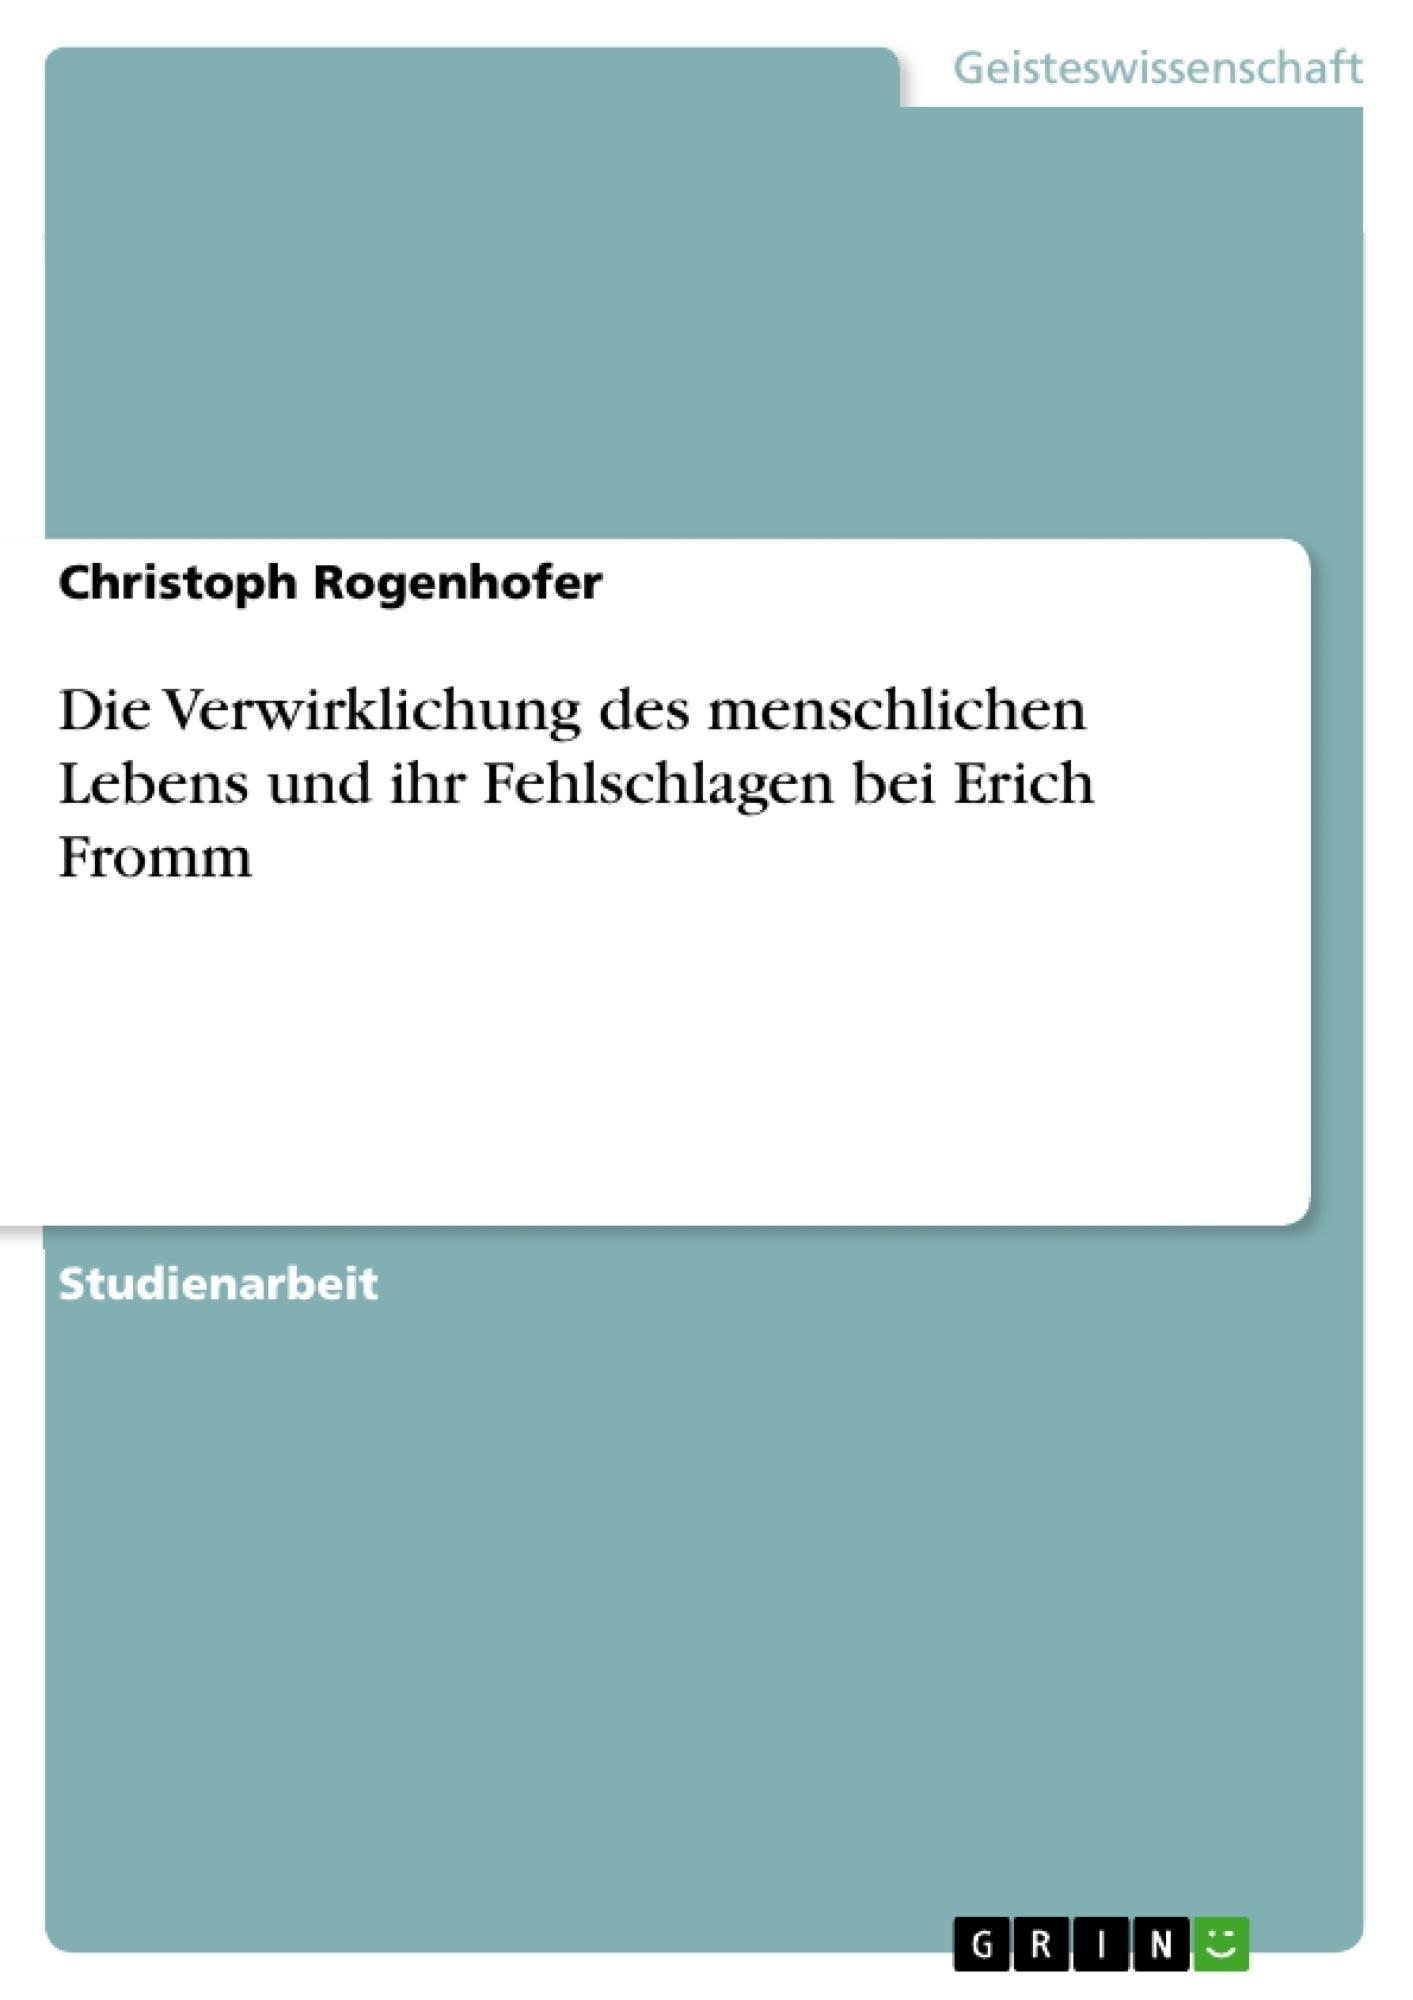 Titel: Die Verwirklichung des menschlichen Lebens und ihr Fehlschlagen bei Erich Fromm